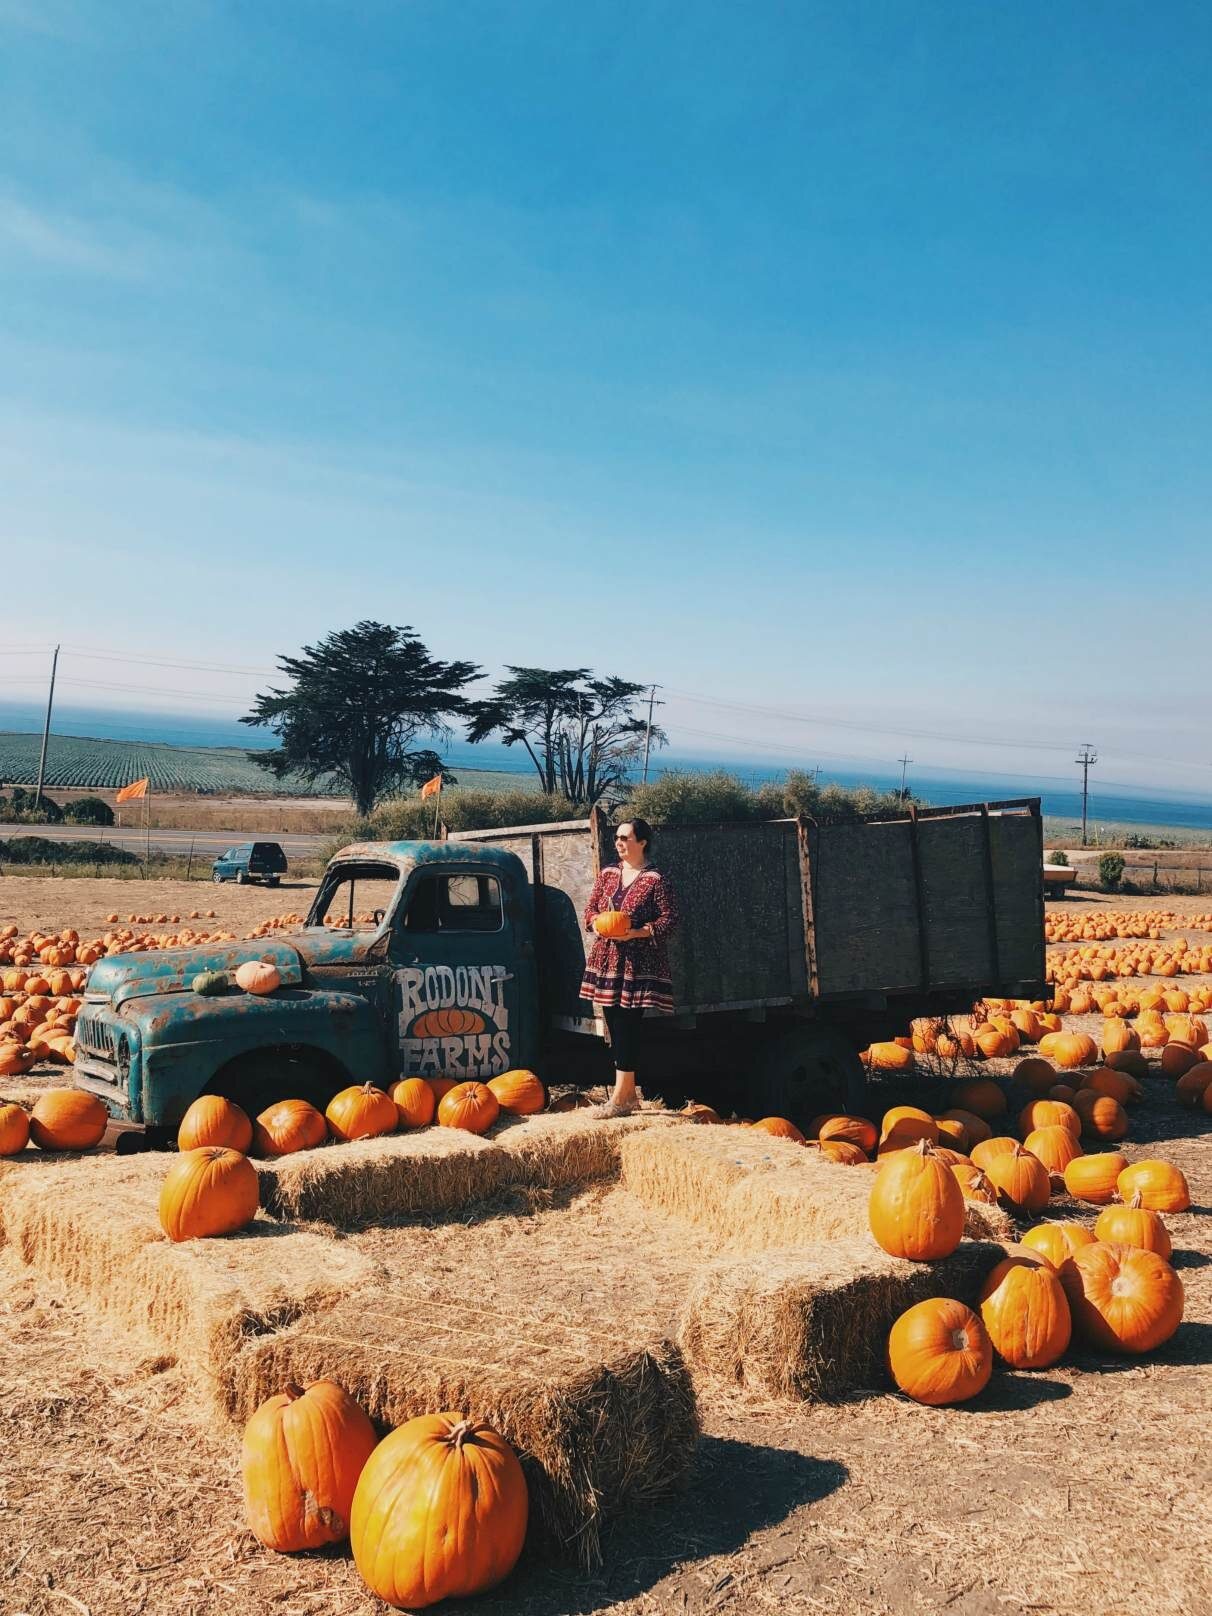 rodoni_farms_pumpkin_patch.jpg